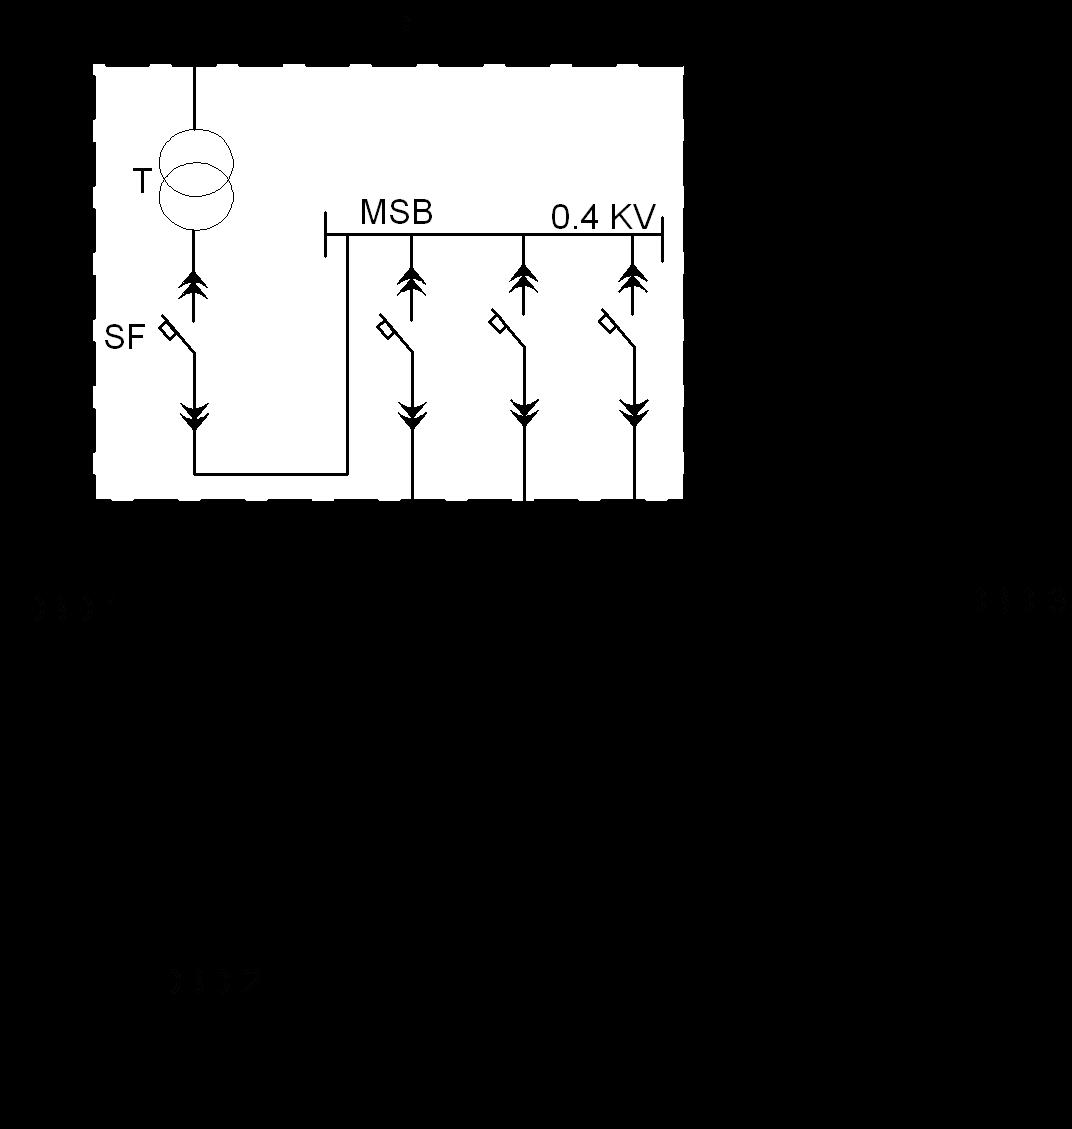 مخطط شبكة توزيع جهد منخفض بعدة مغذيات رئيسية من ثانوي كشك المحولات